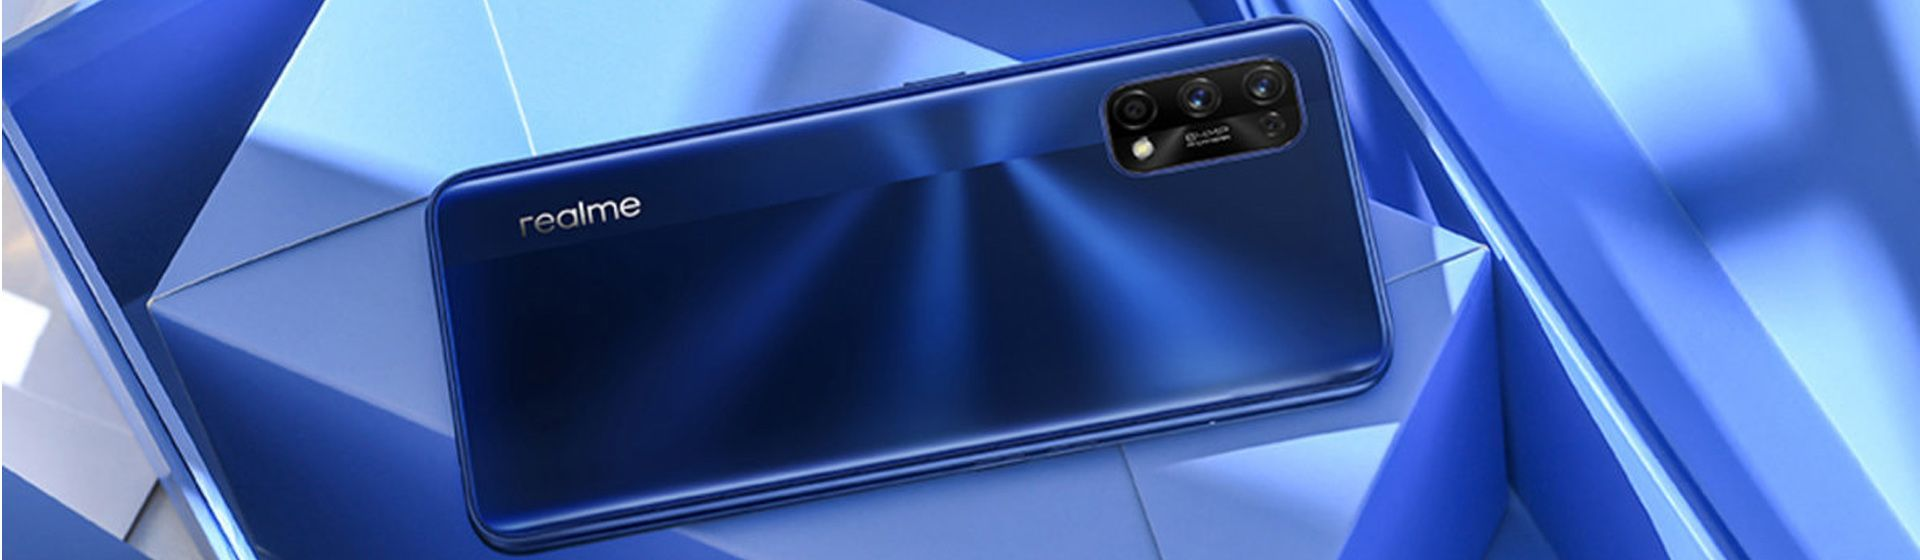 Realme 7 e 7 Pro: Celulares serão lançados no Brasil em janeiro de 2021 com carregamento de 65W